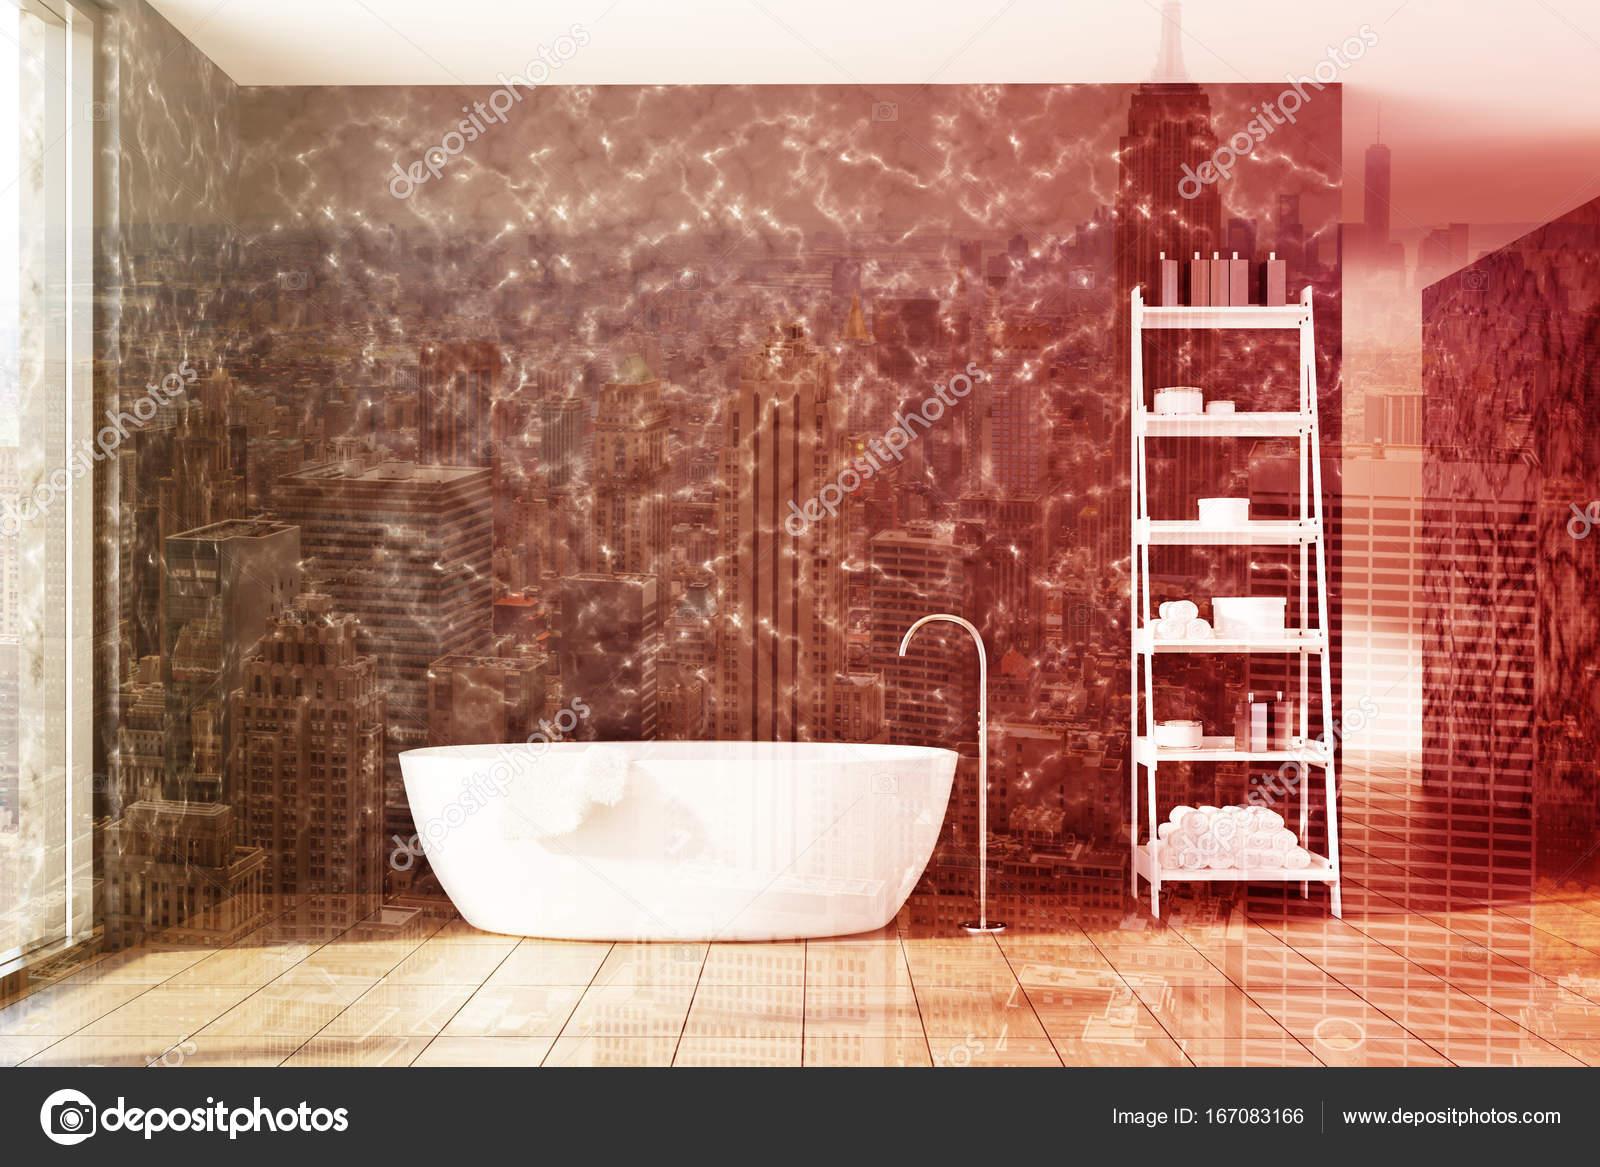 Top kwaliteit messing goud dubbele tiers badkamer hoek planken met